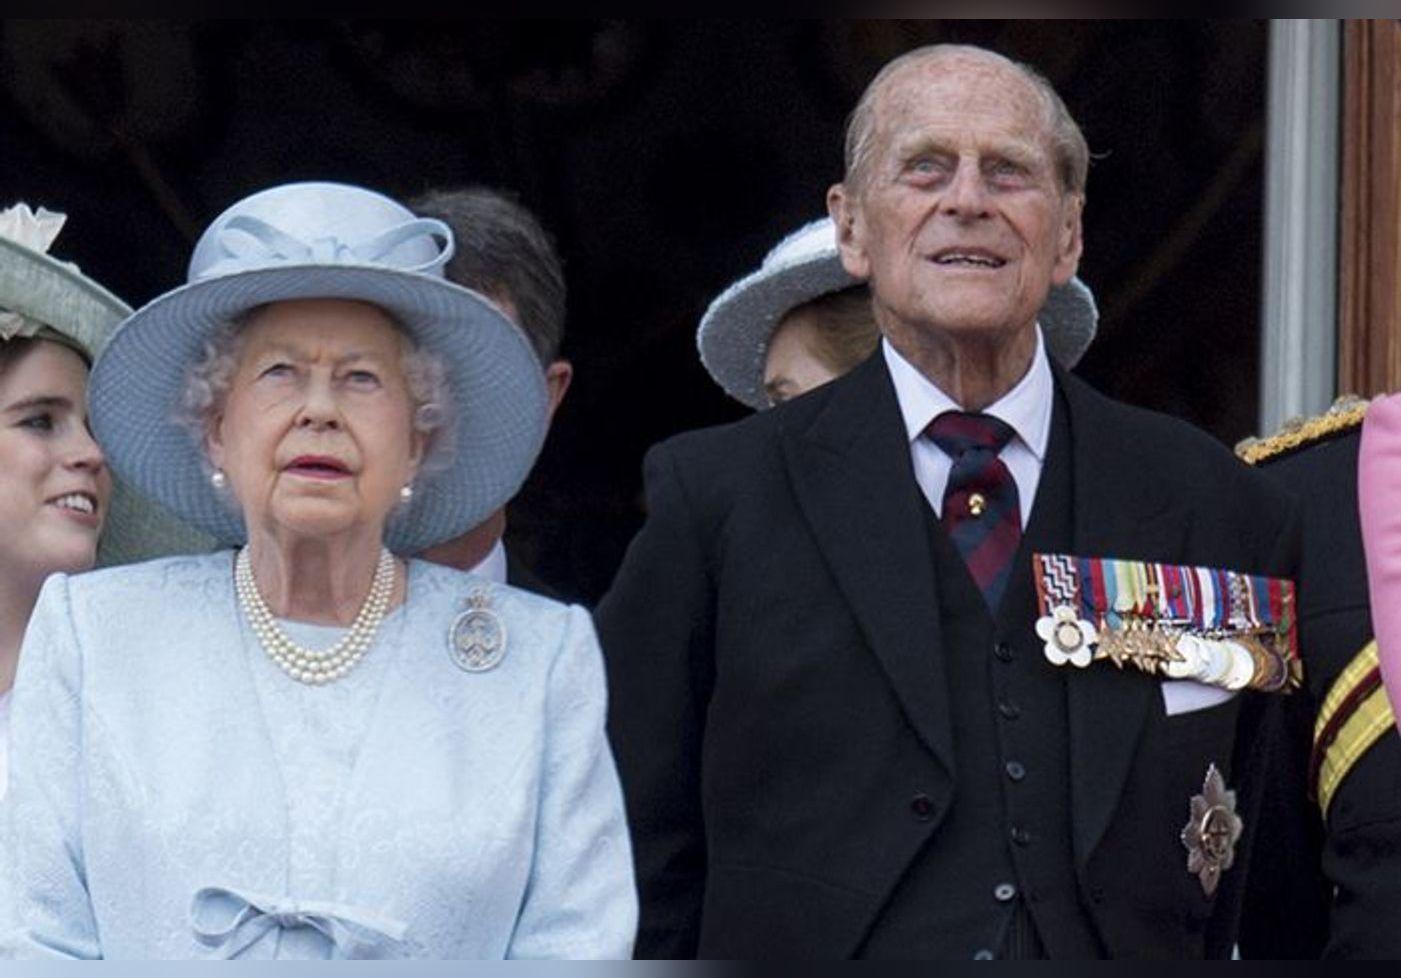 Voici pourquoi le Prince Philip sera enterré deux fois… Un 4x4 Land Rover transportera son cercueil